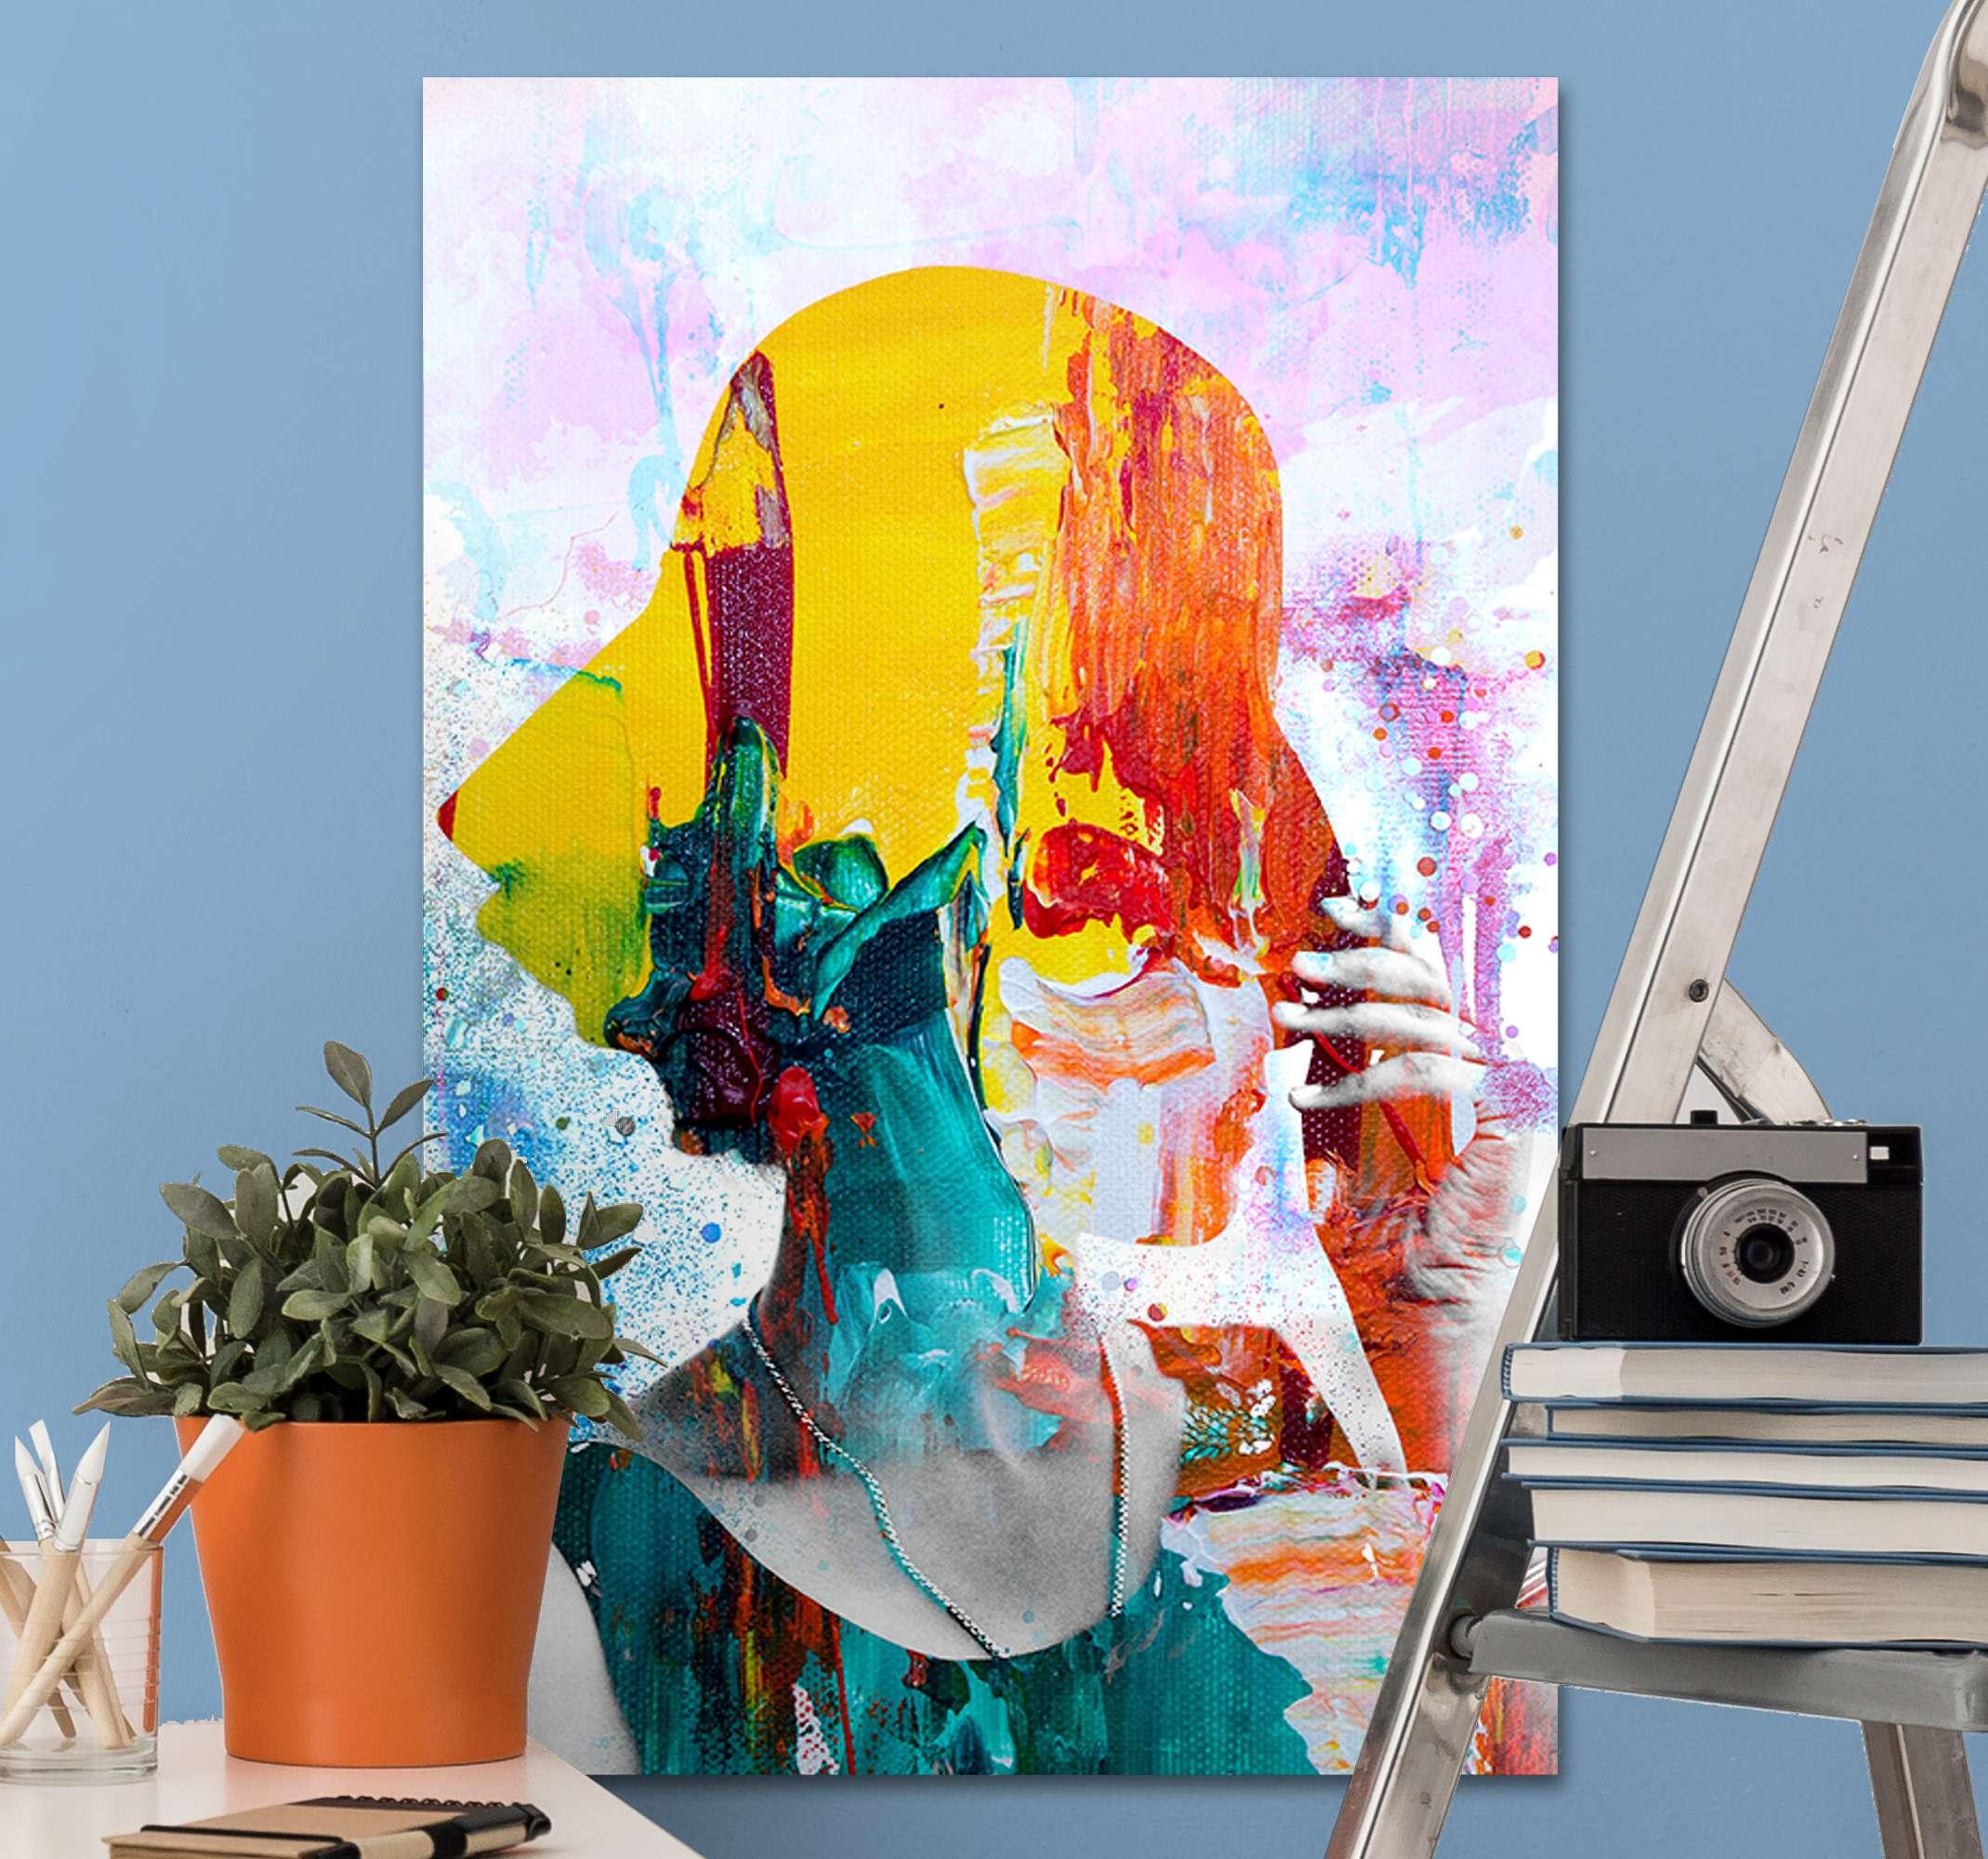 Tenstickers. Färgstark kvinna konst duk konst. Konsttryck för färgglad kvinnakonstkonst den här abstrakta väggduken skulle försköna ditt hem med en originaleffekt. Den är original och lätt.